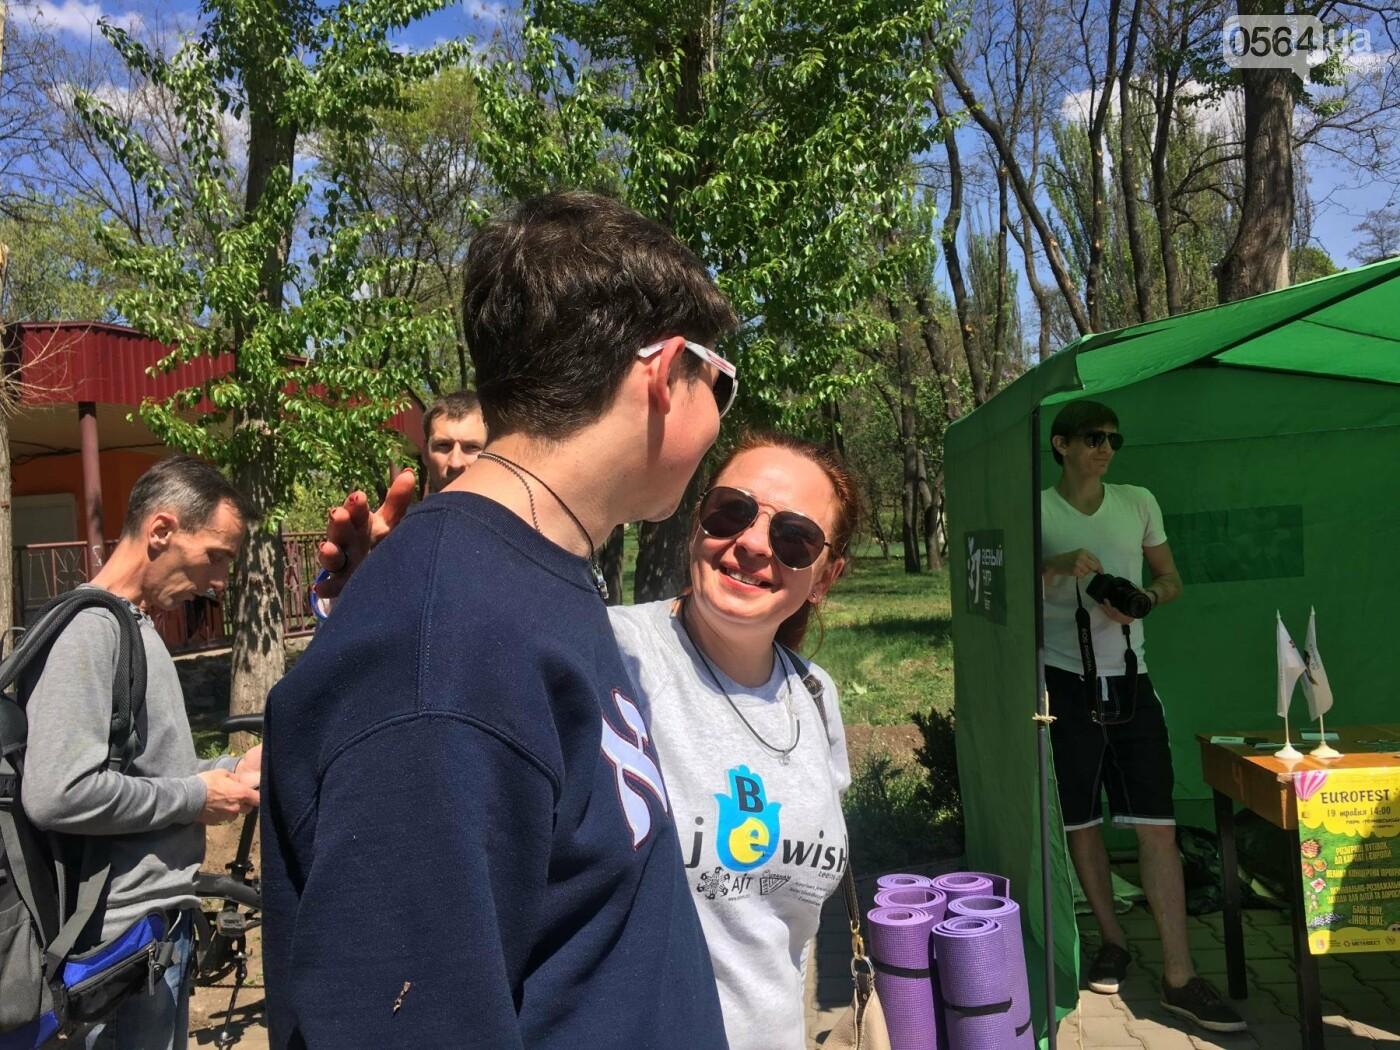 """""""В Европу без мусора!"""": криворожане помогли подготовить парк к Еврофесту (ФОТО), фото-74"""